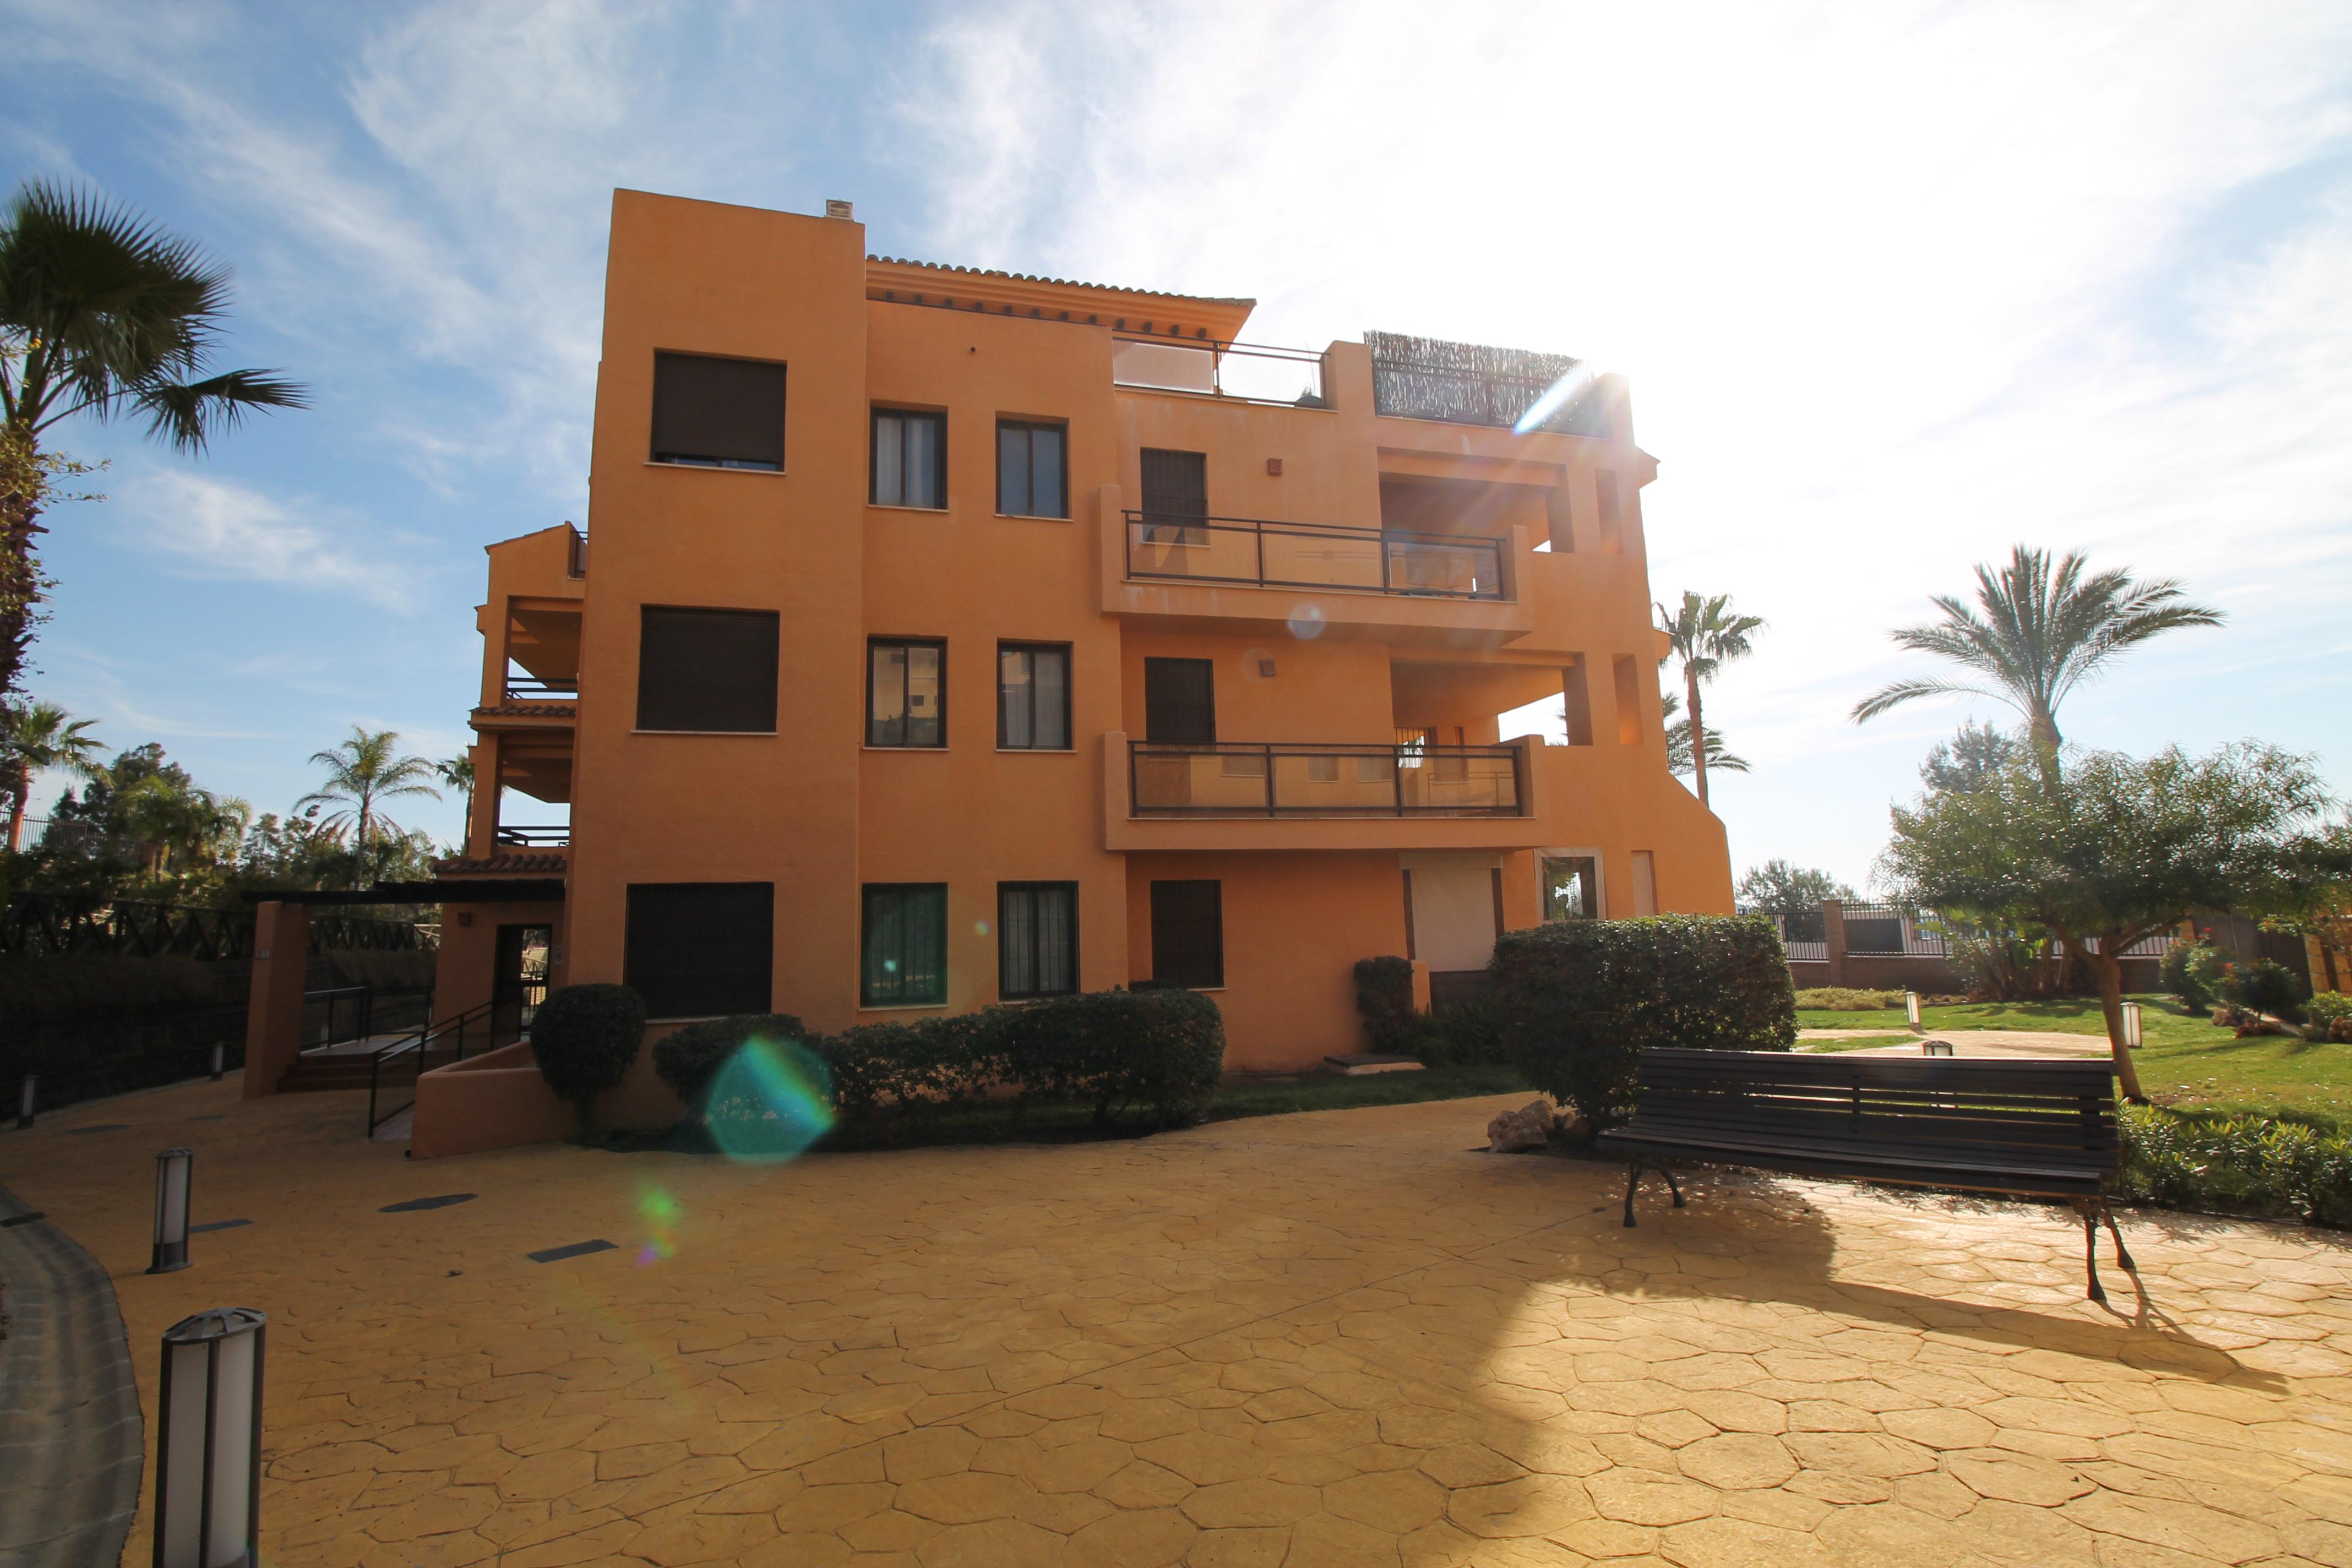 Piso en venta en Mijas, Málaga, Calle Orfebres, 158.000 €, 2 habitaciones, 2 baños, 92 m2